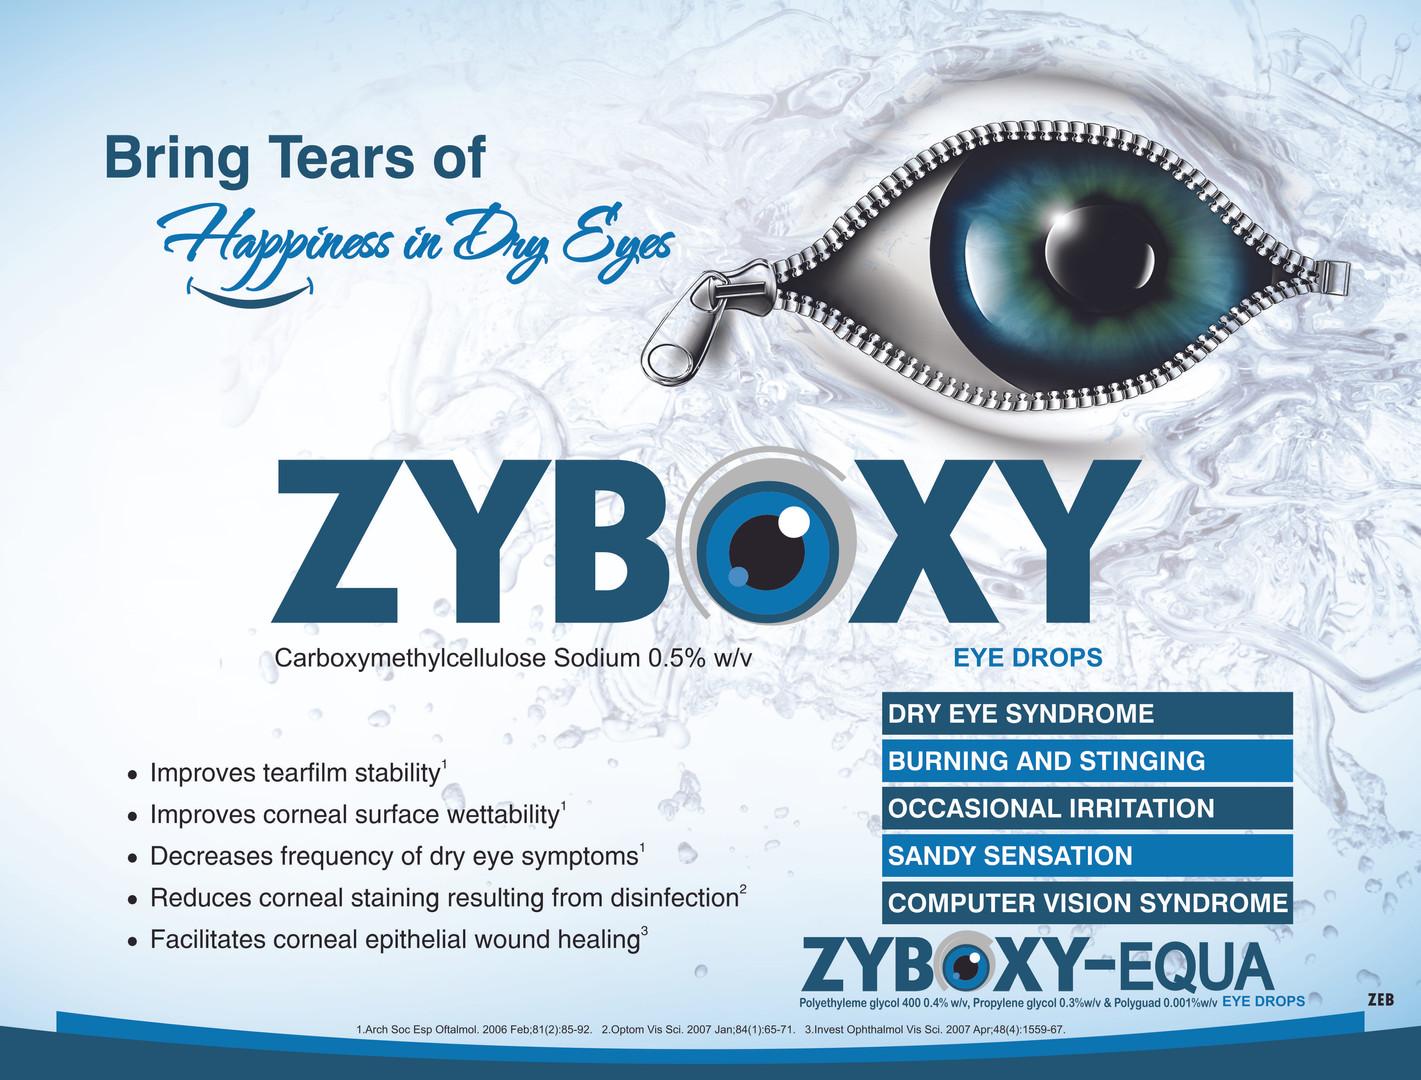 zyboxy.jpg